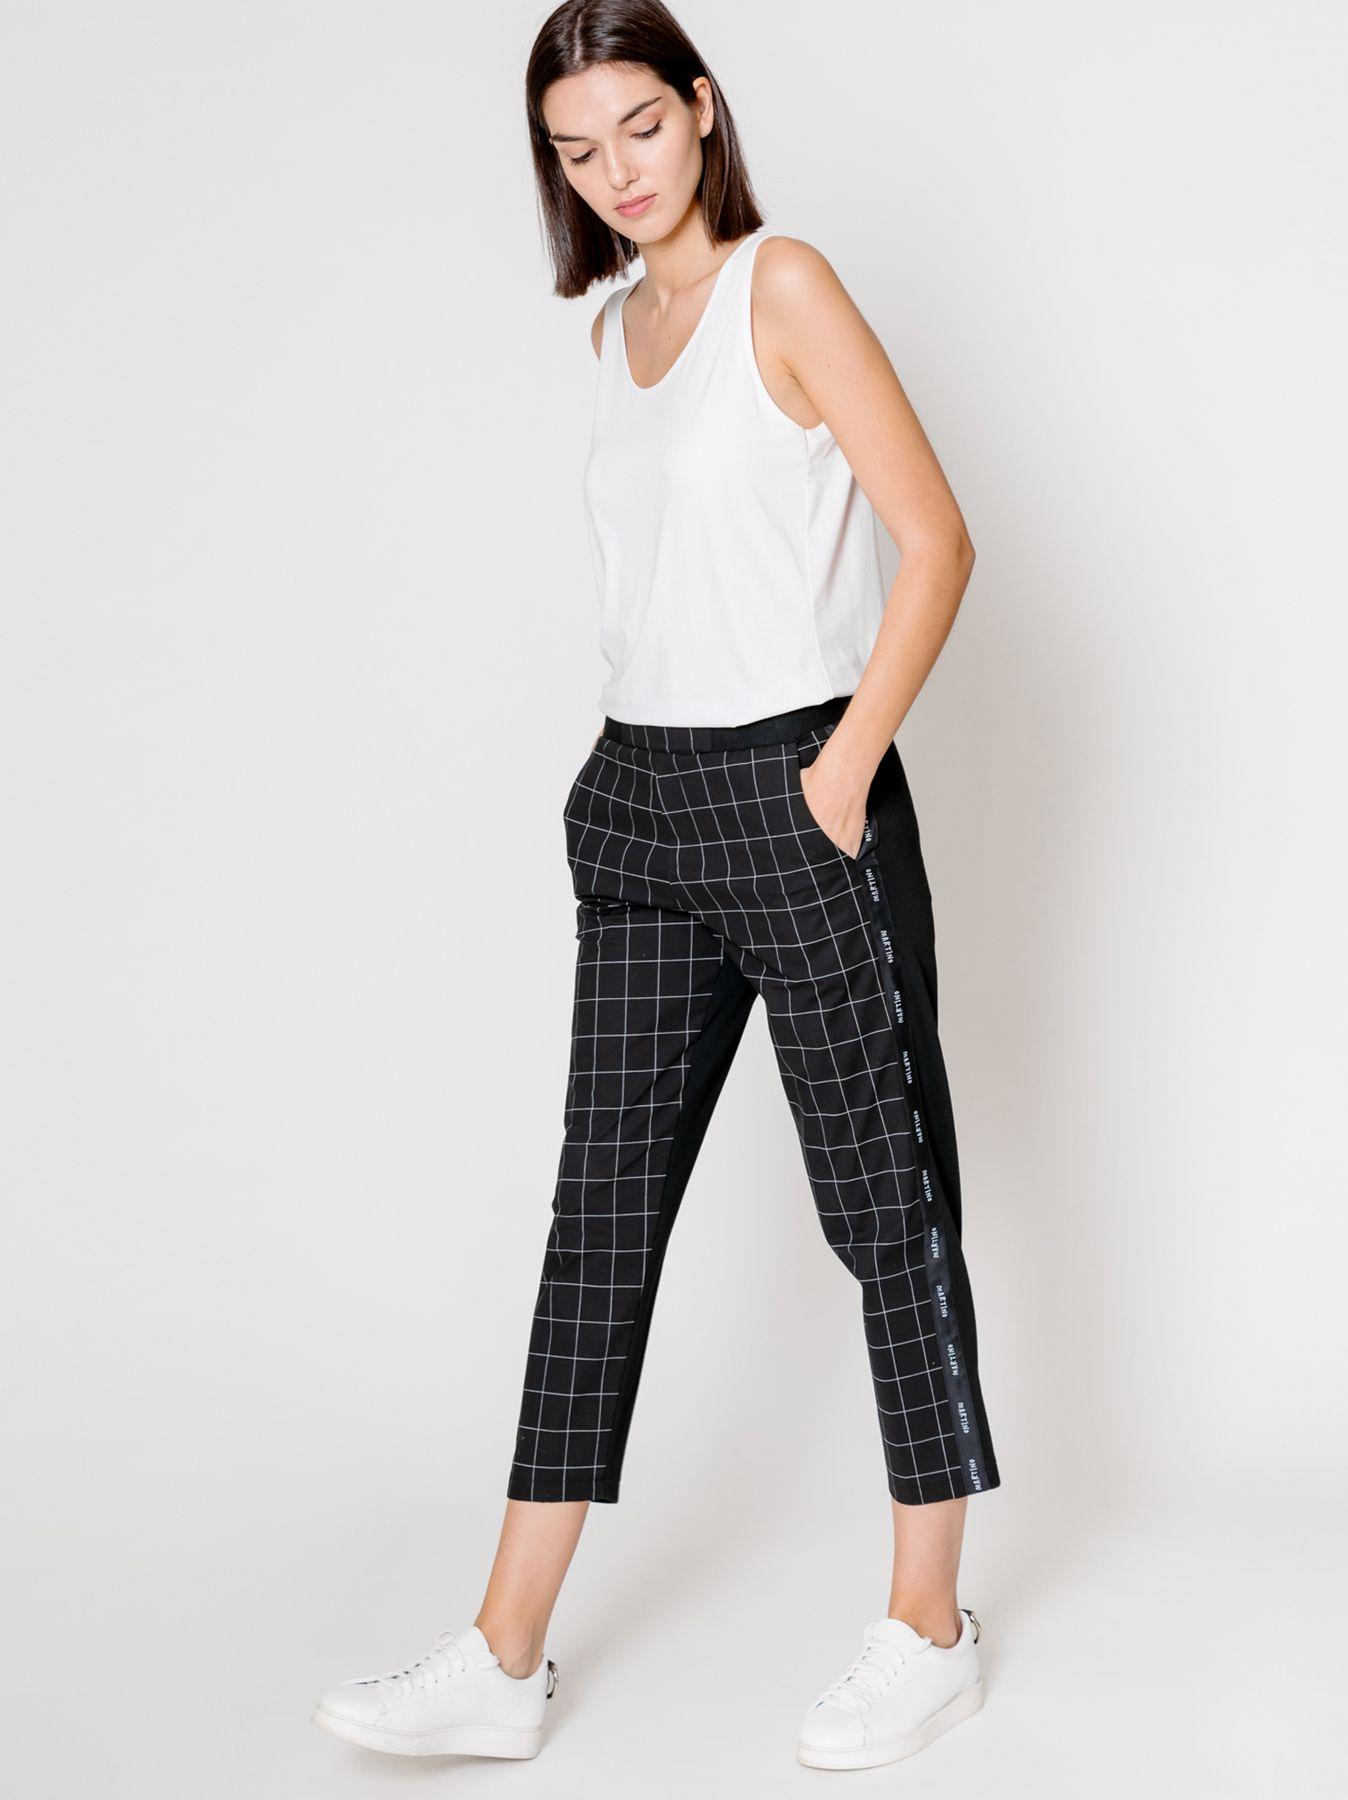 Pantalone chino con nastro logato